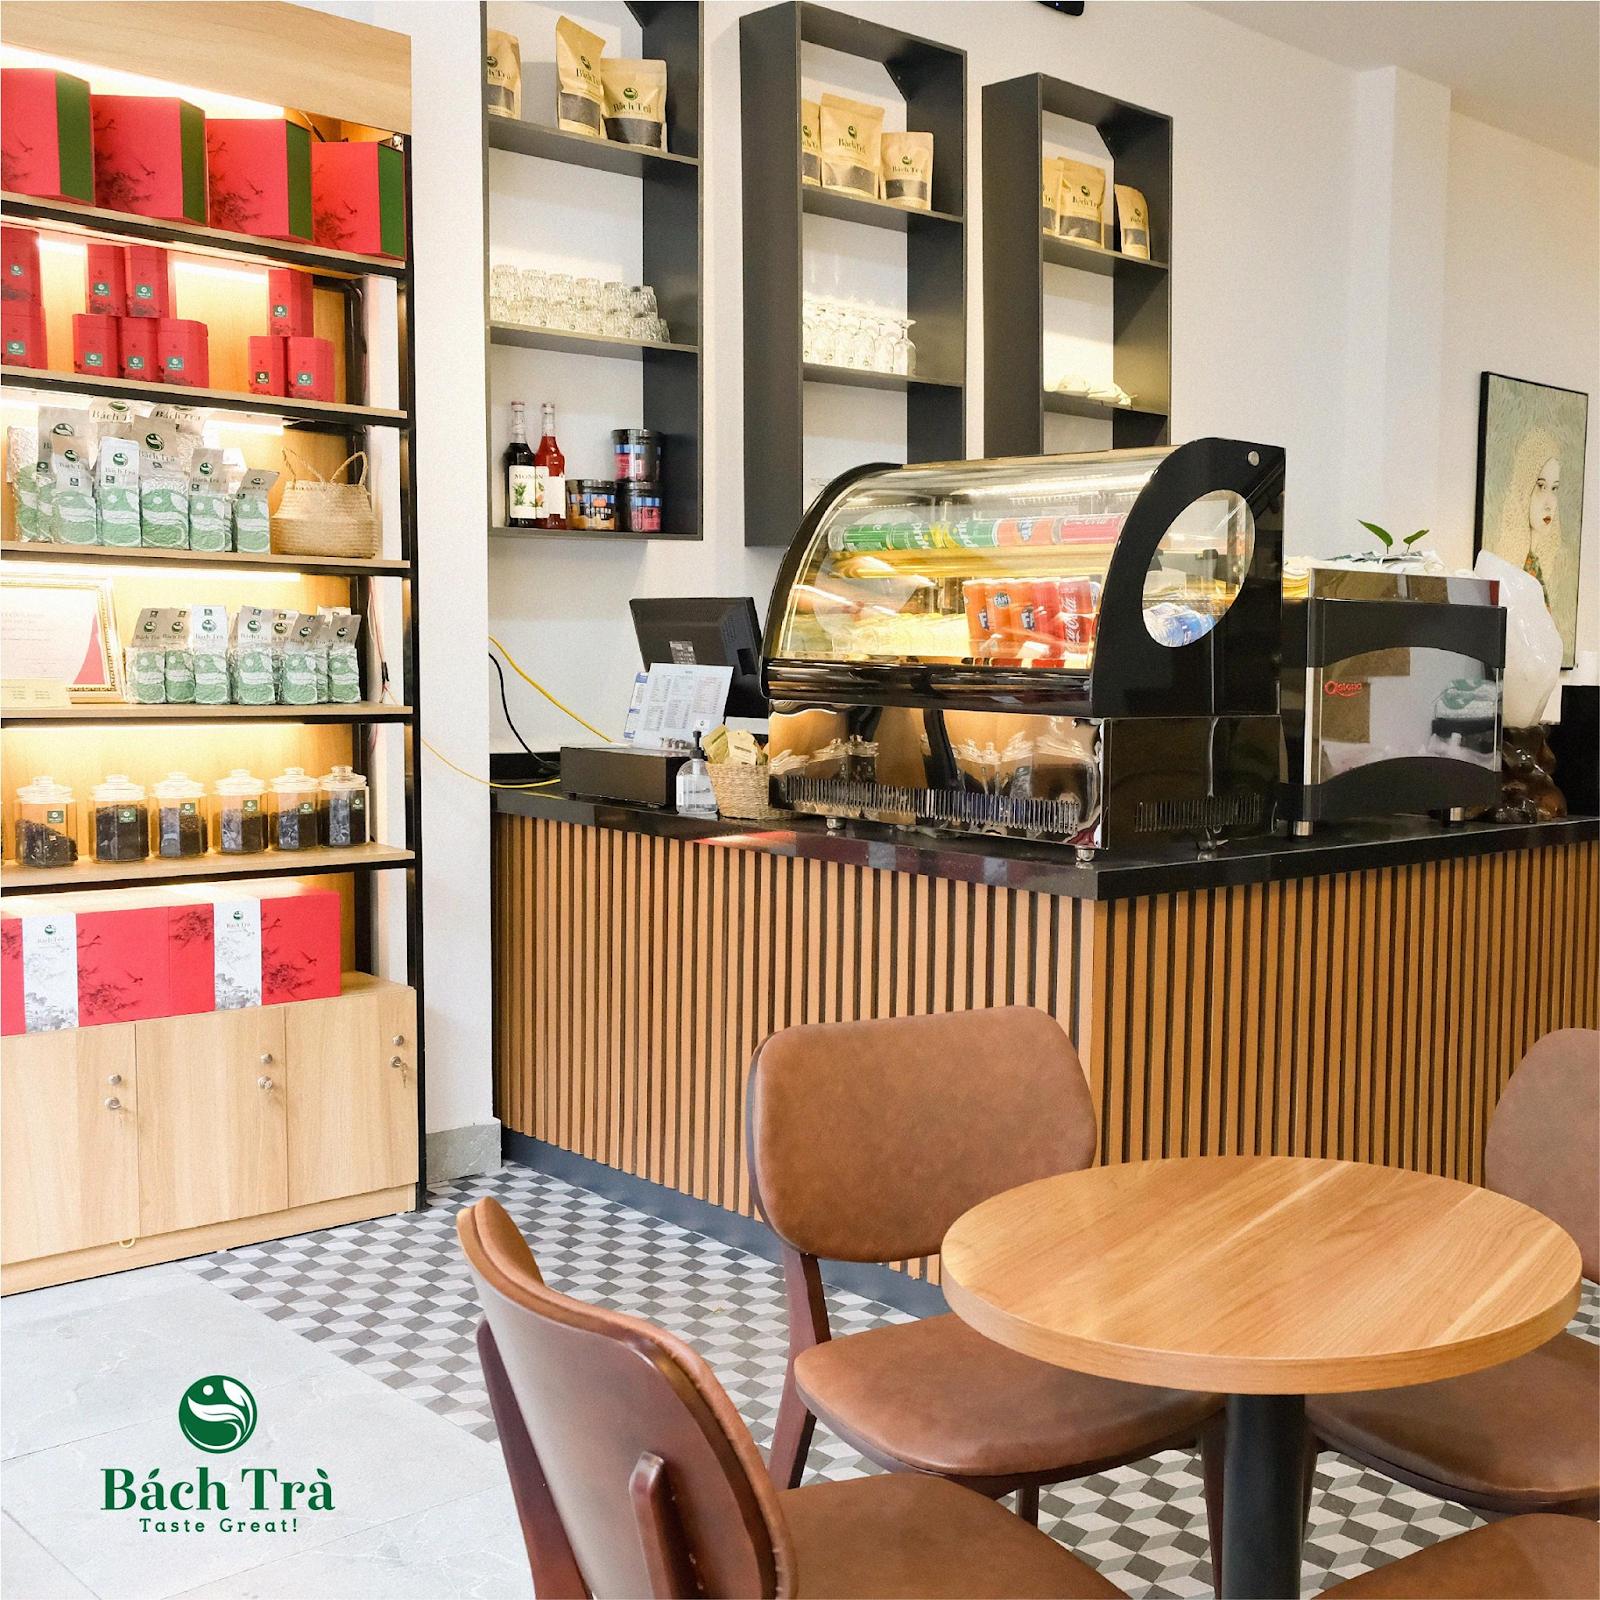 (Bách Trà Tea & Coffee là địa chỉ quen thuộc của những người yêu trà)